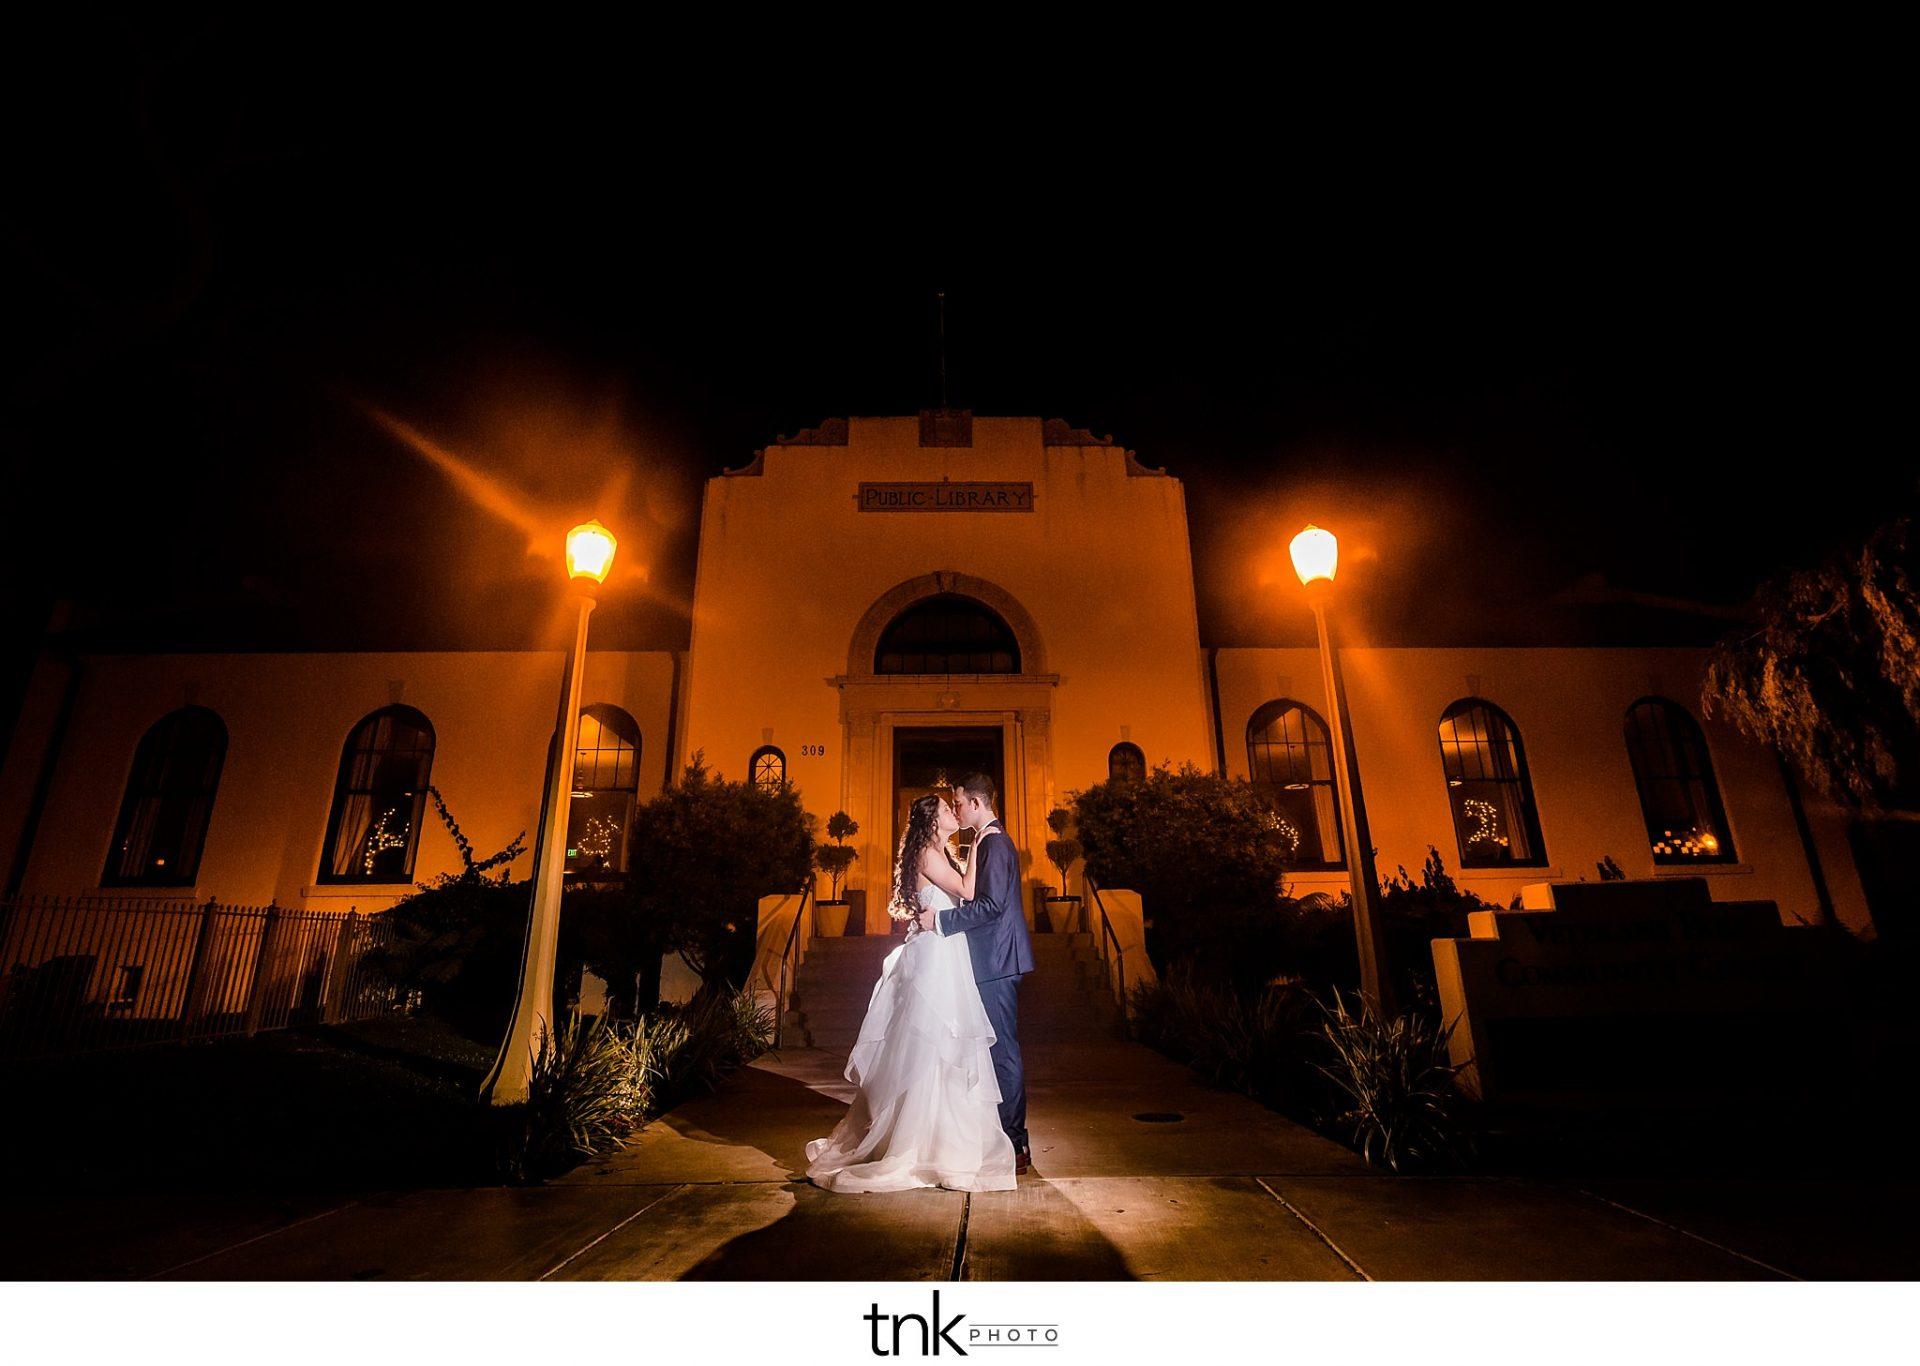 Redondo Beach Historic Library Wedding Photos